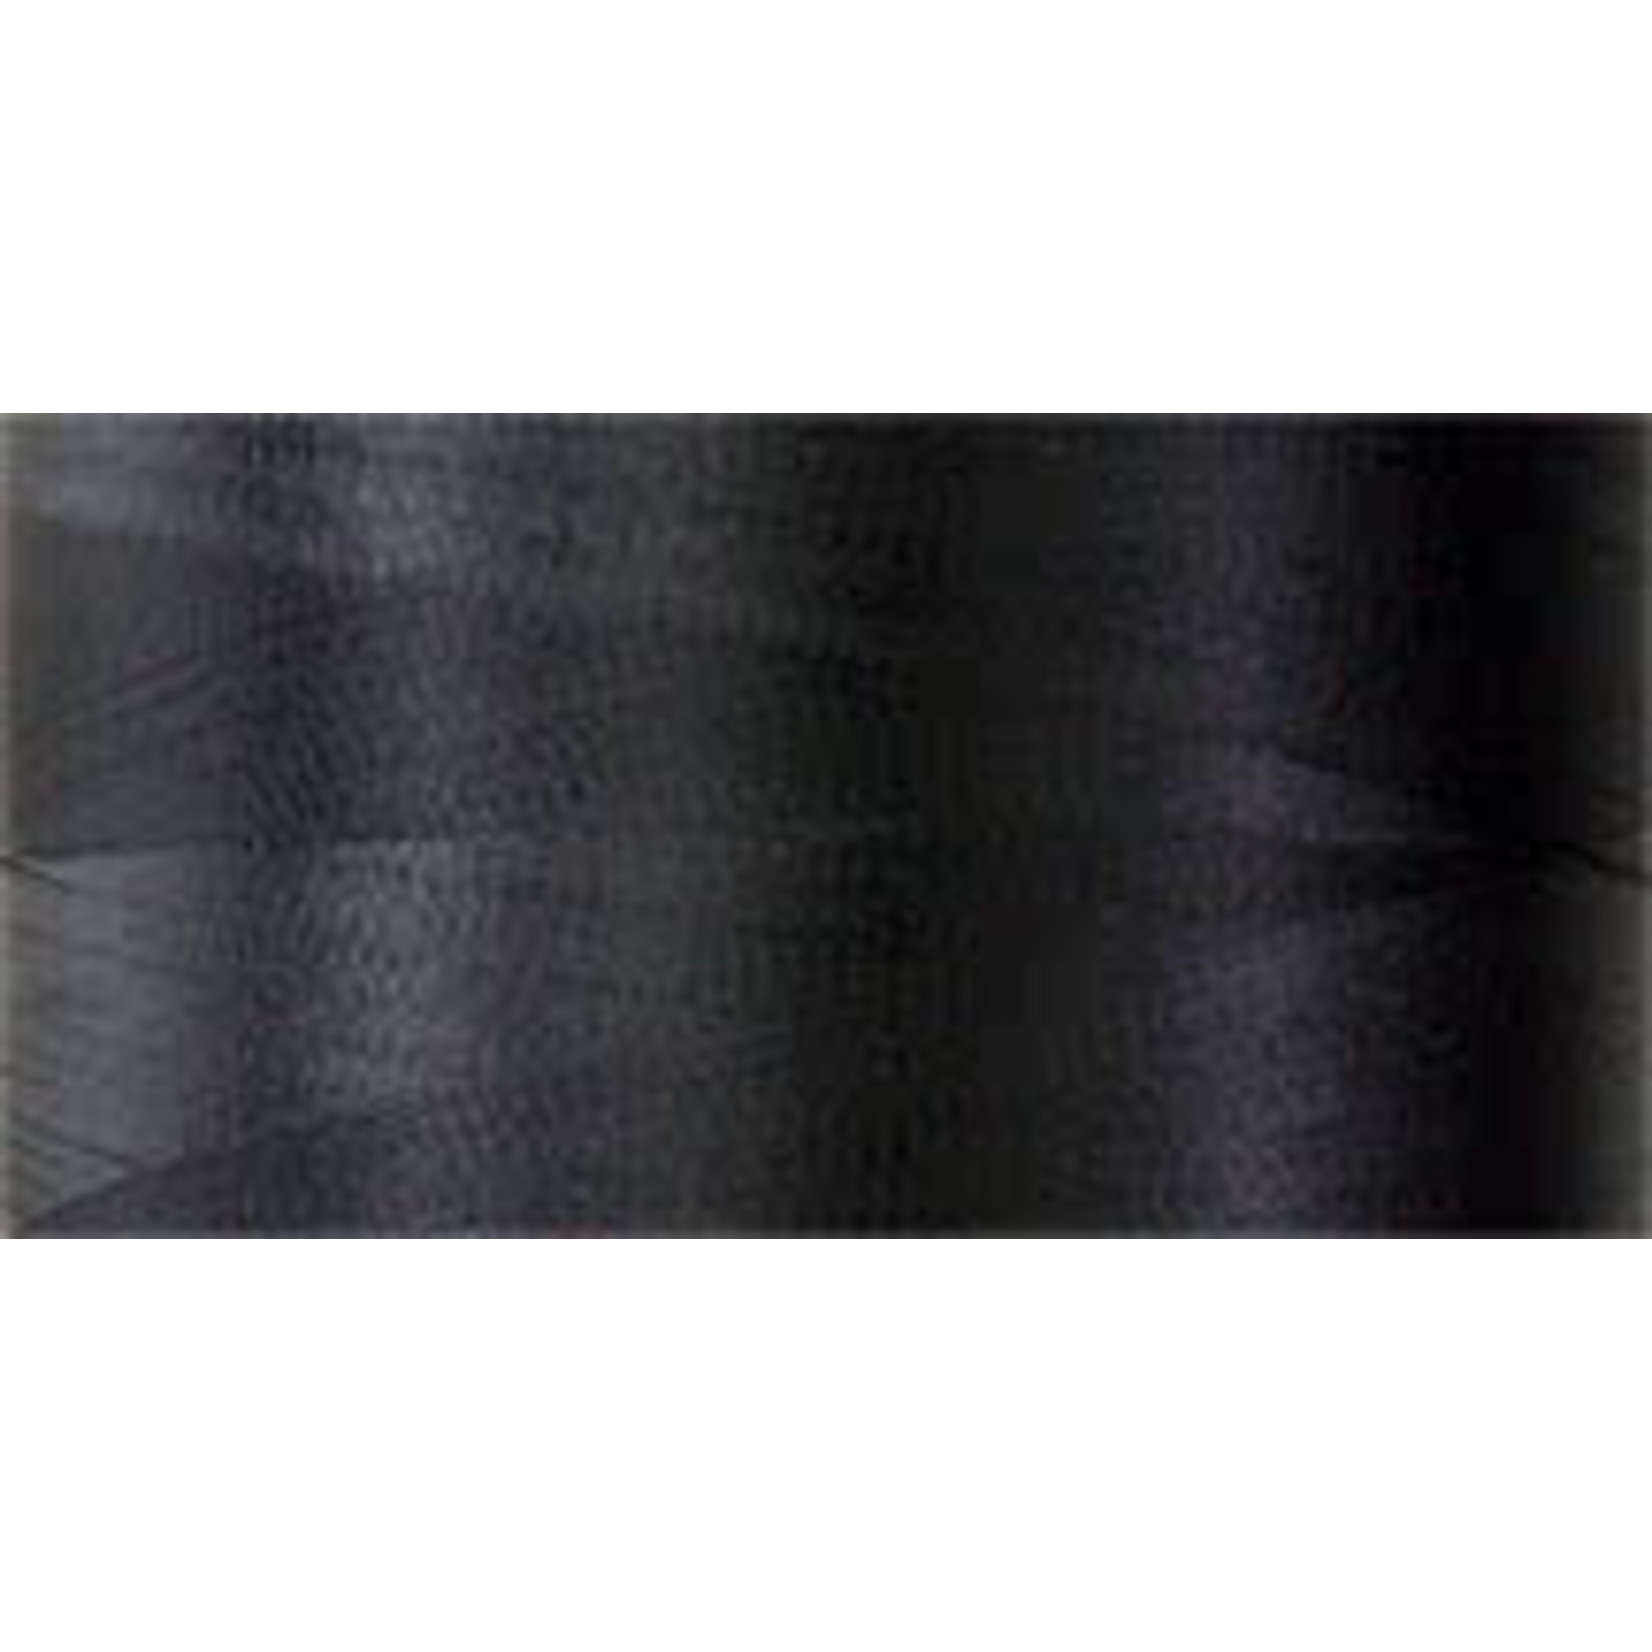 Superior Threads Bottom Line - #60 - 1300 m - 649 Dark Gray